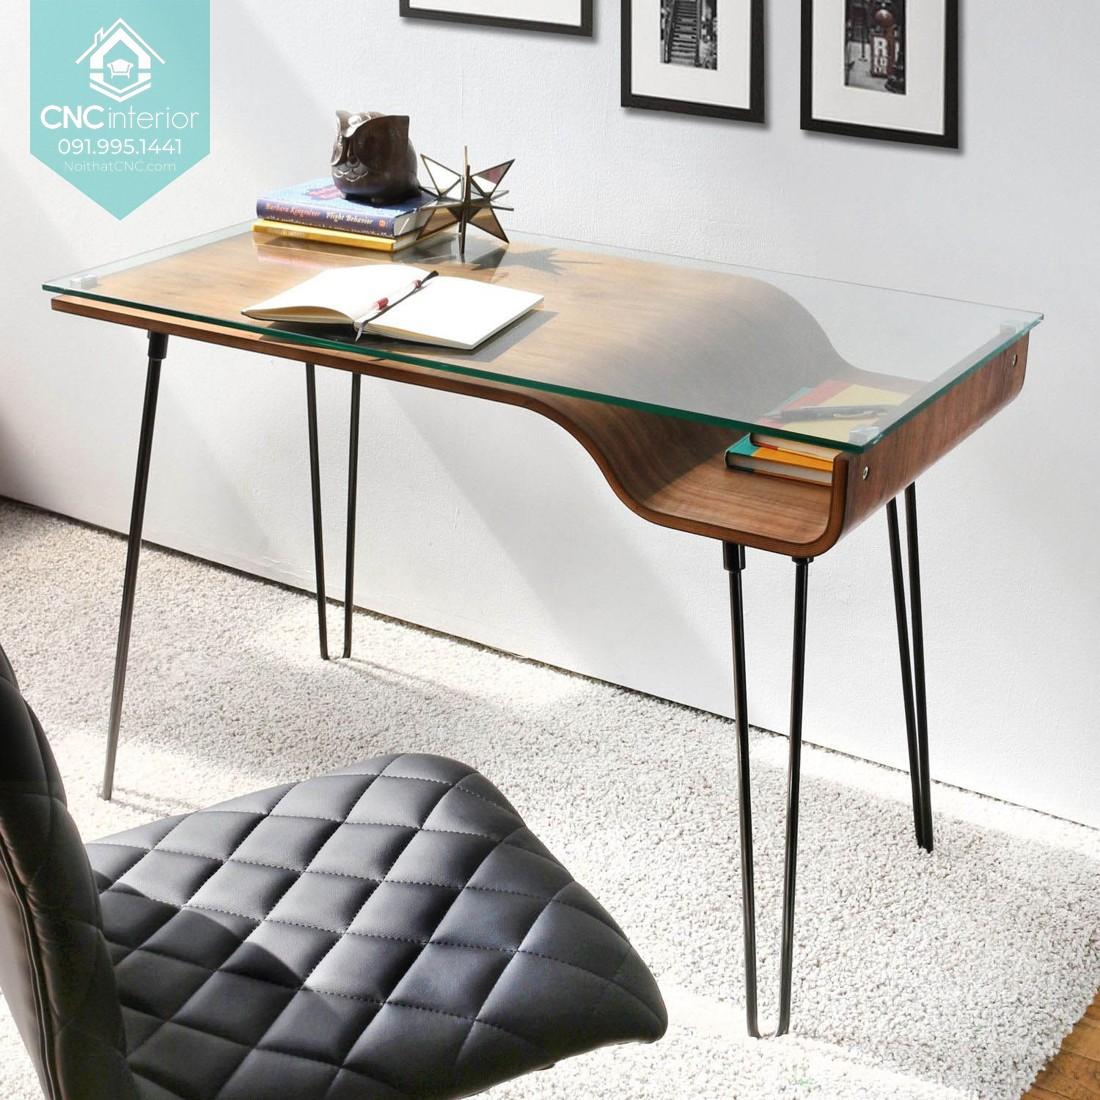 Mẫu bàn làm việc tại nhà sử dụng kết hợp nhiều chất liệu khác nhau